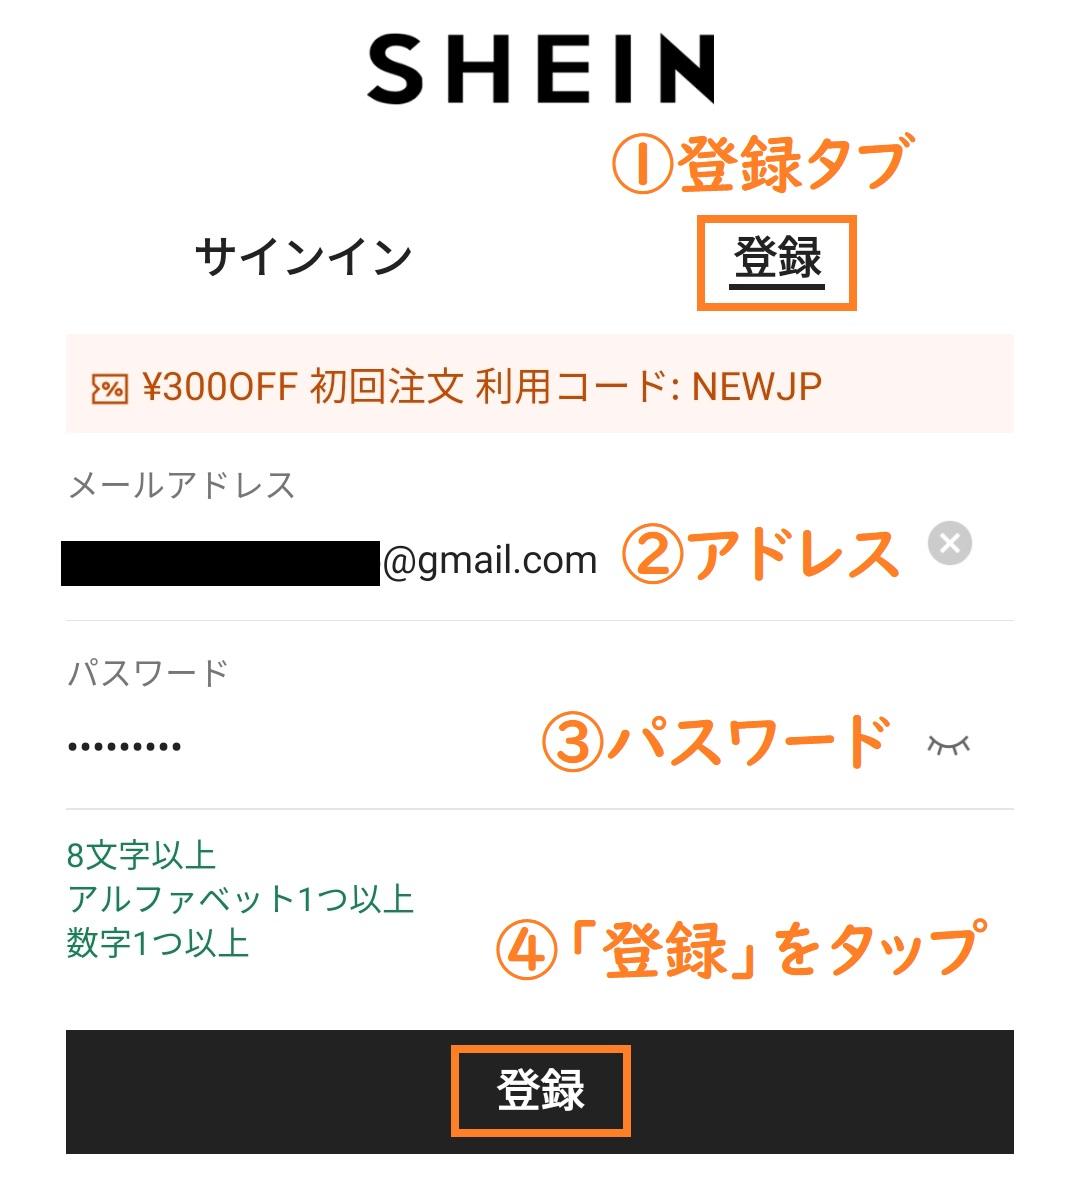 SHEIN 新規会員登録方法 スマホ